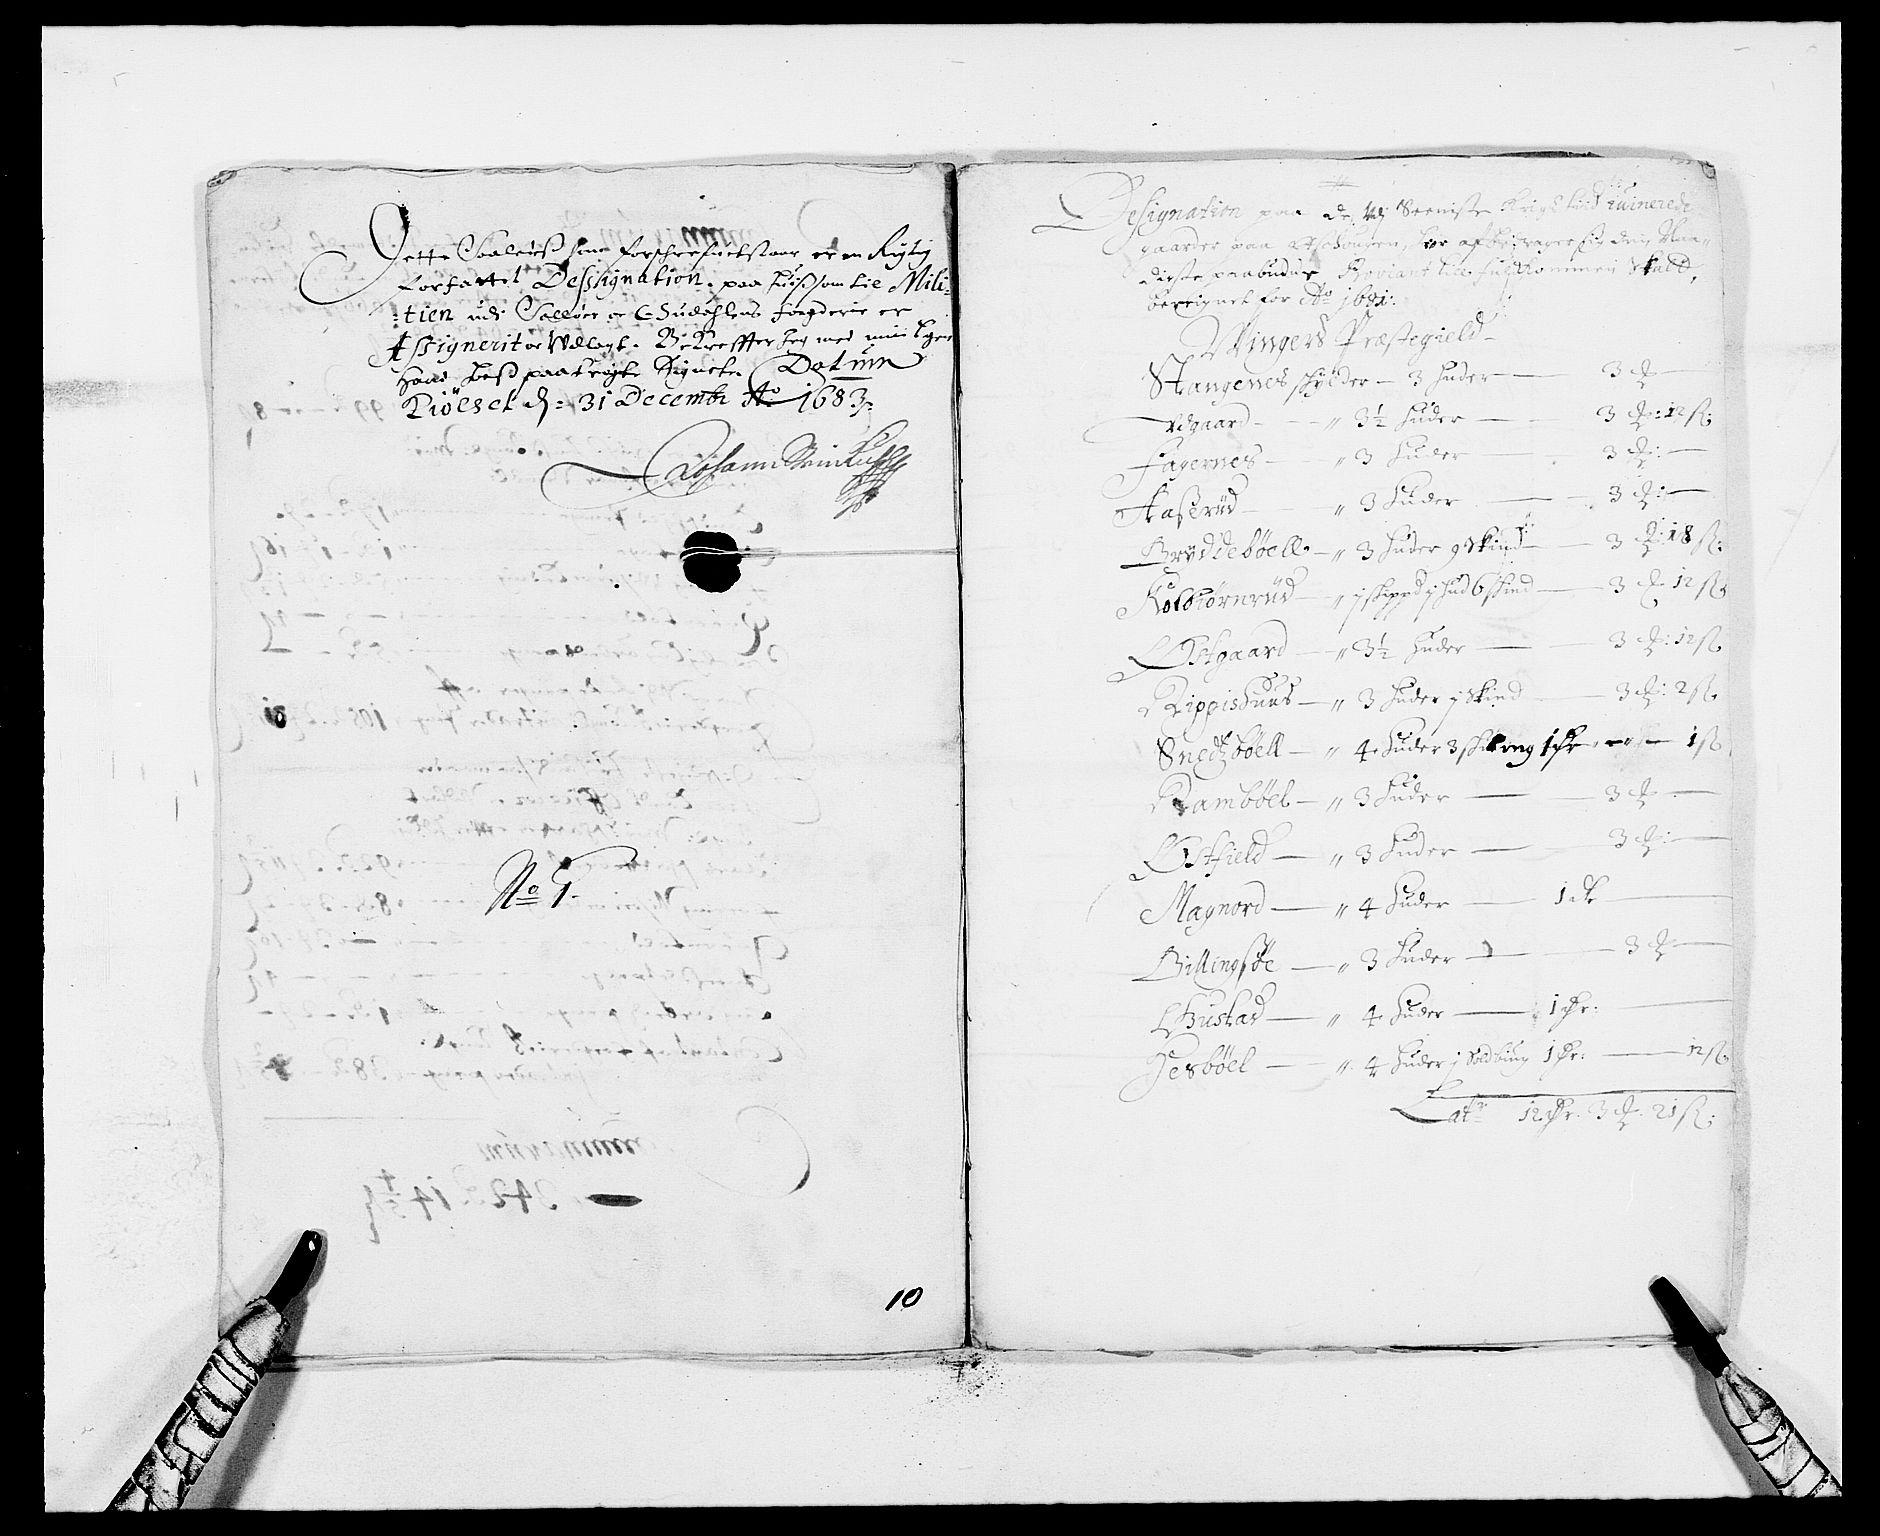 RA, Rentekammeret inntil 1814, Reviderte regnskaper, Fogderegnskap, R13/L0820: Fogderegnskap Solør, Odal og Østerdal, 1683, s. 263